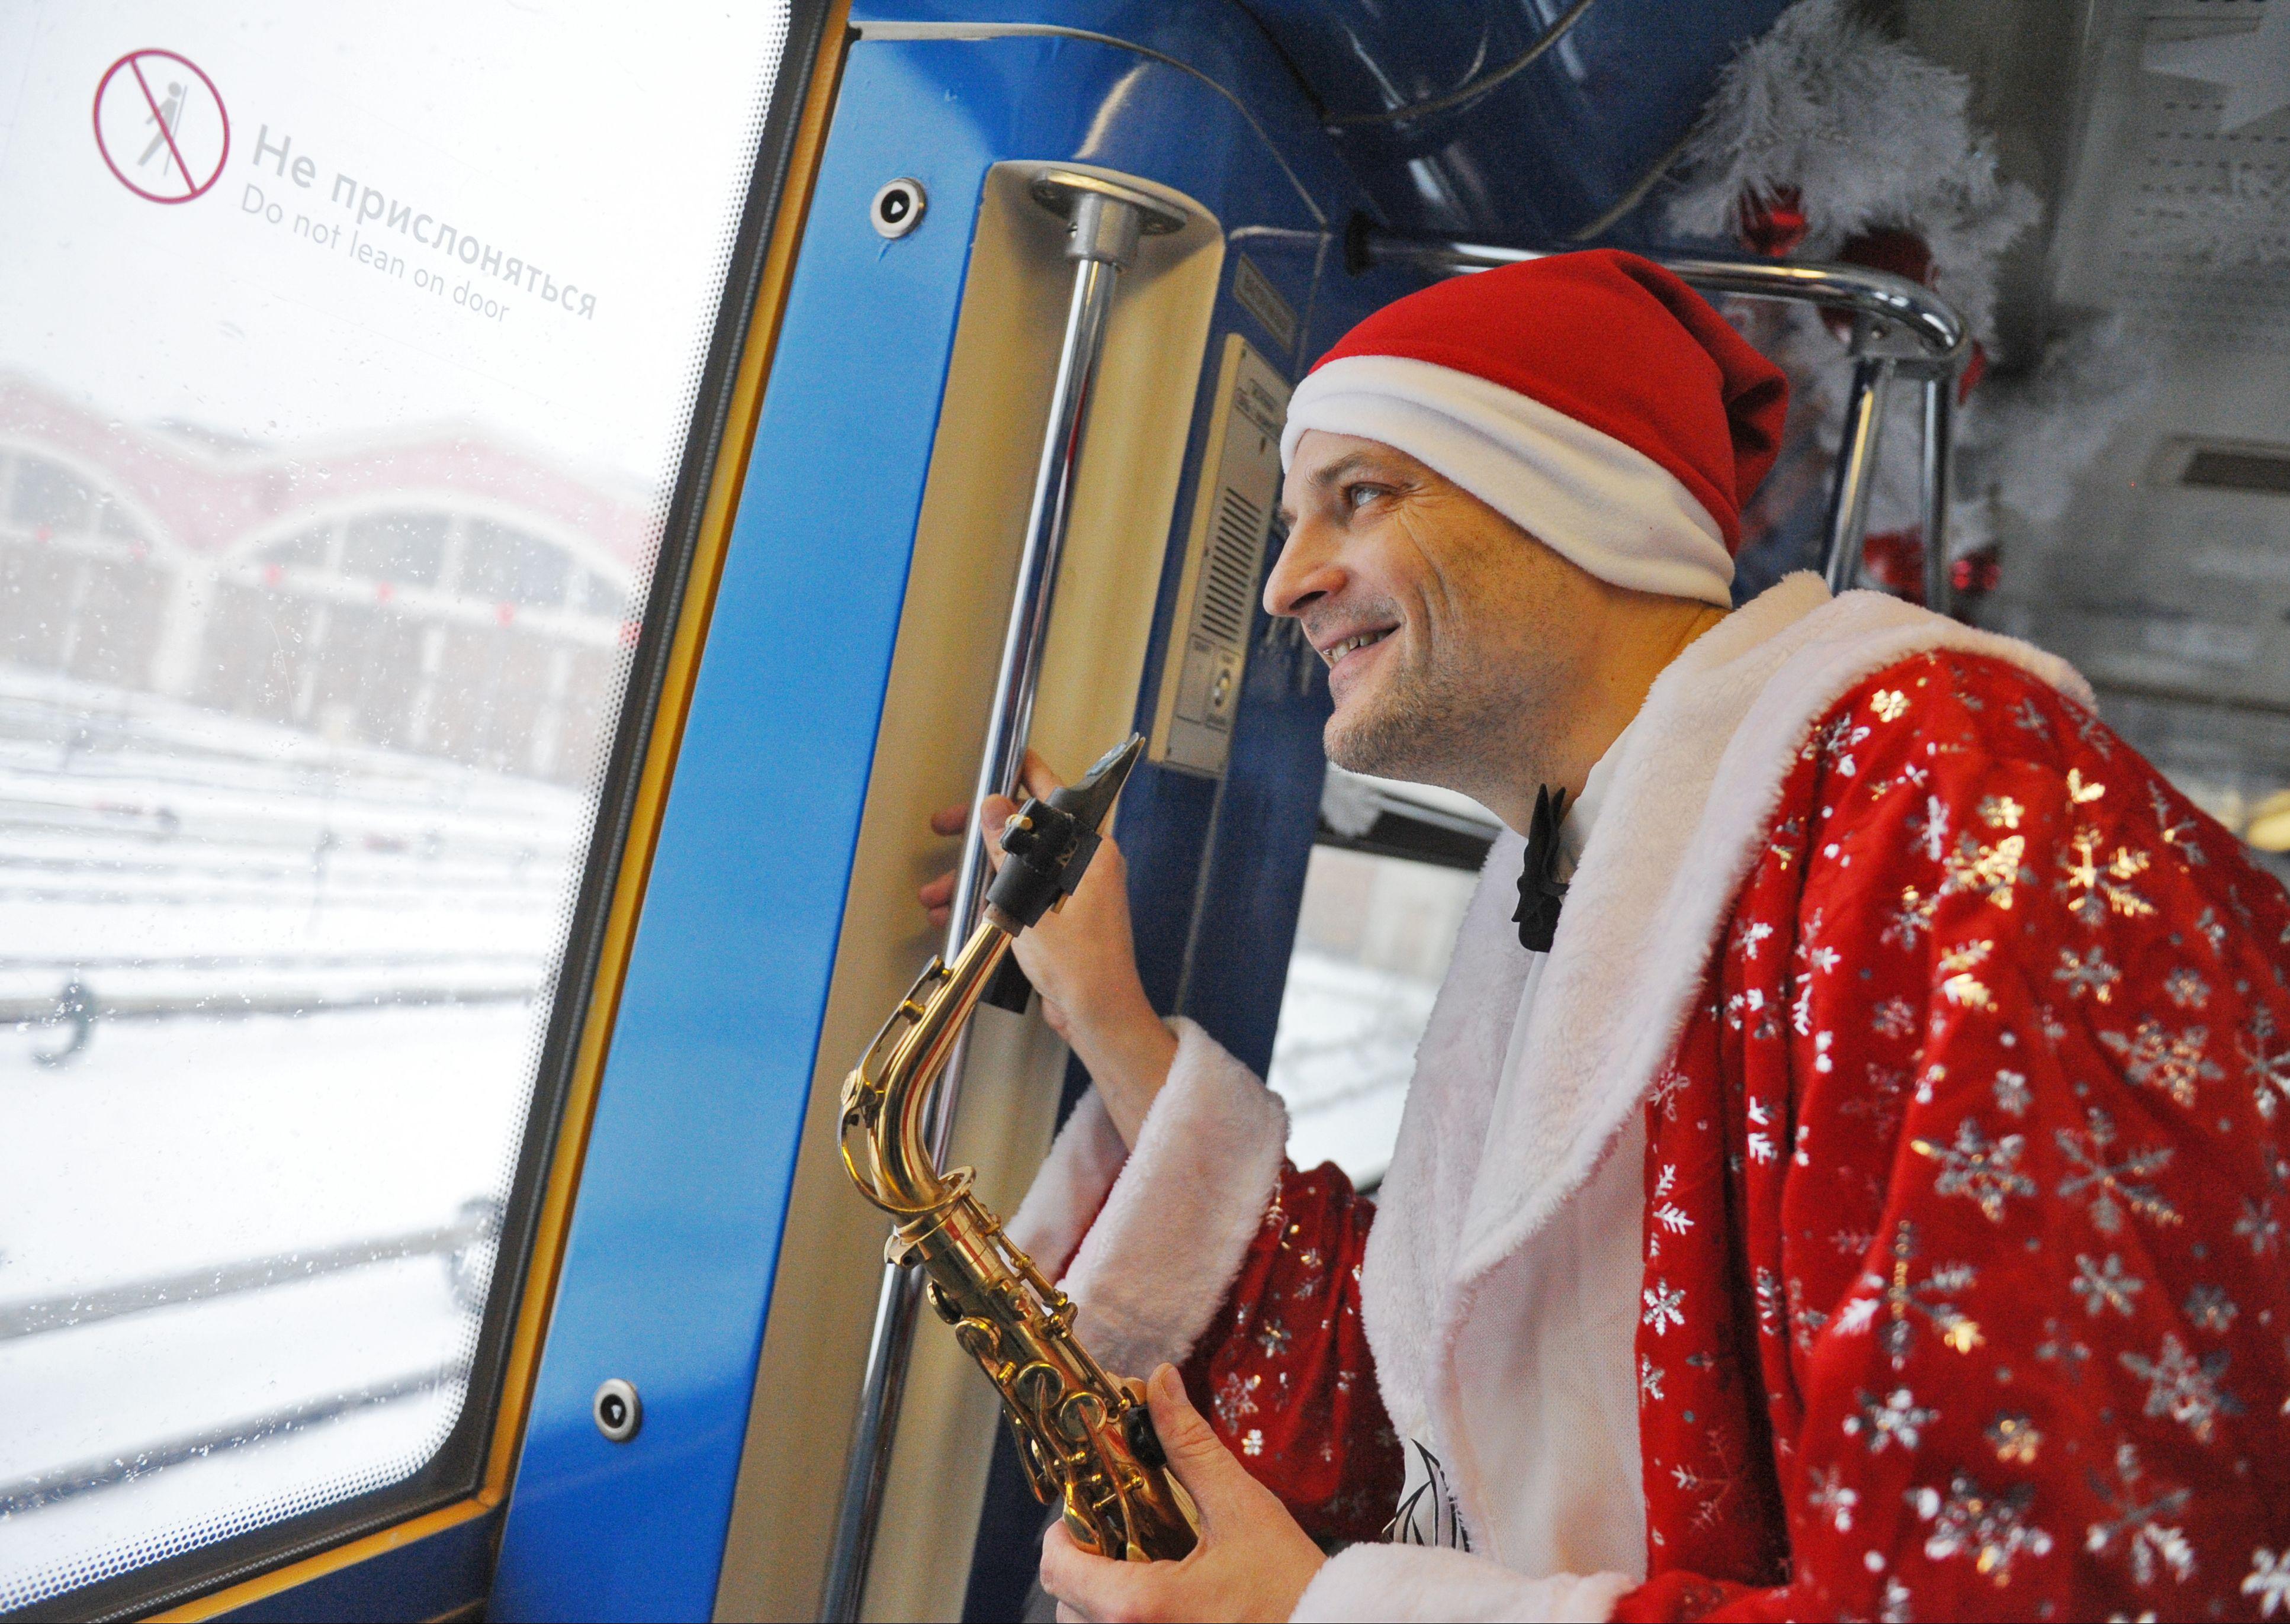 Тематические поезда метро Москвы перевезли 4,6 миллиона пассажиров в праздники